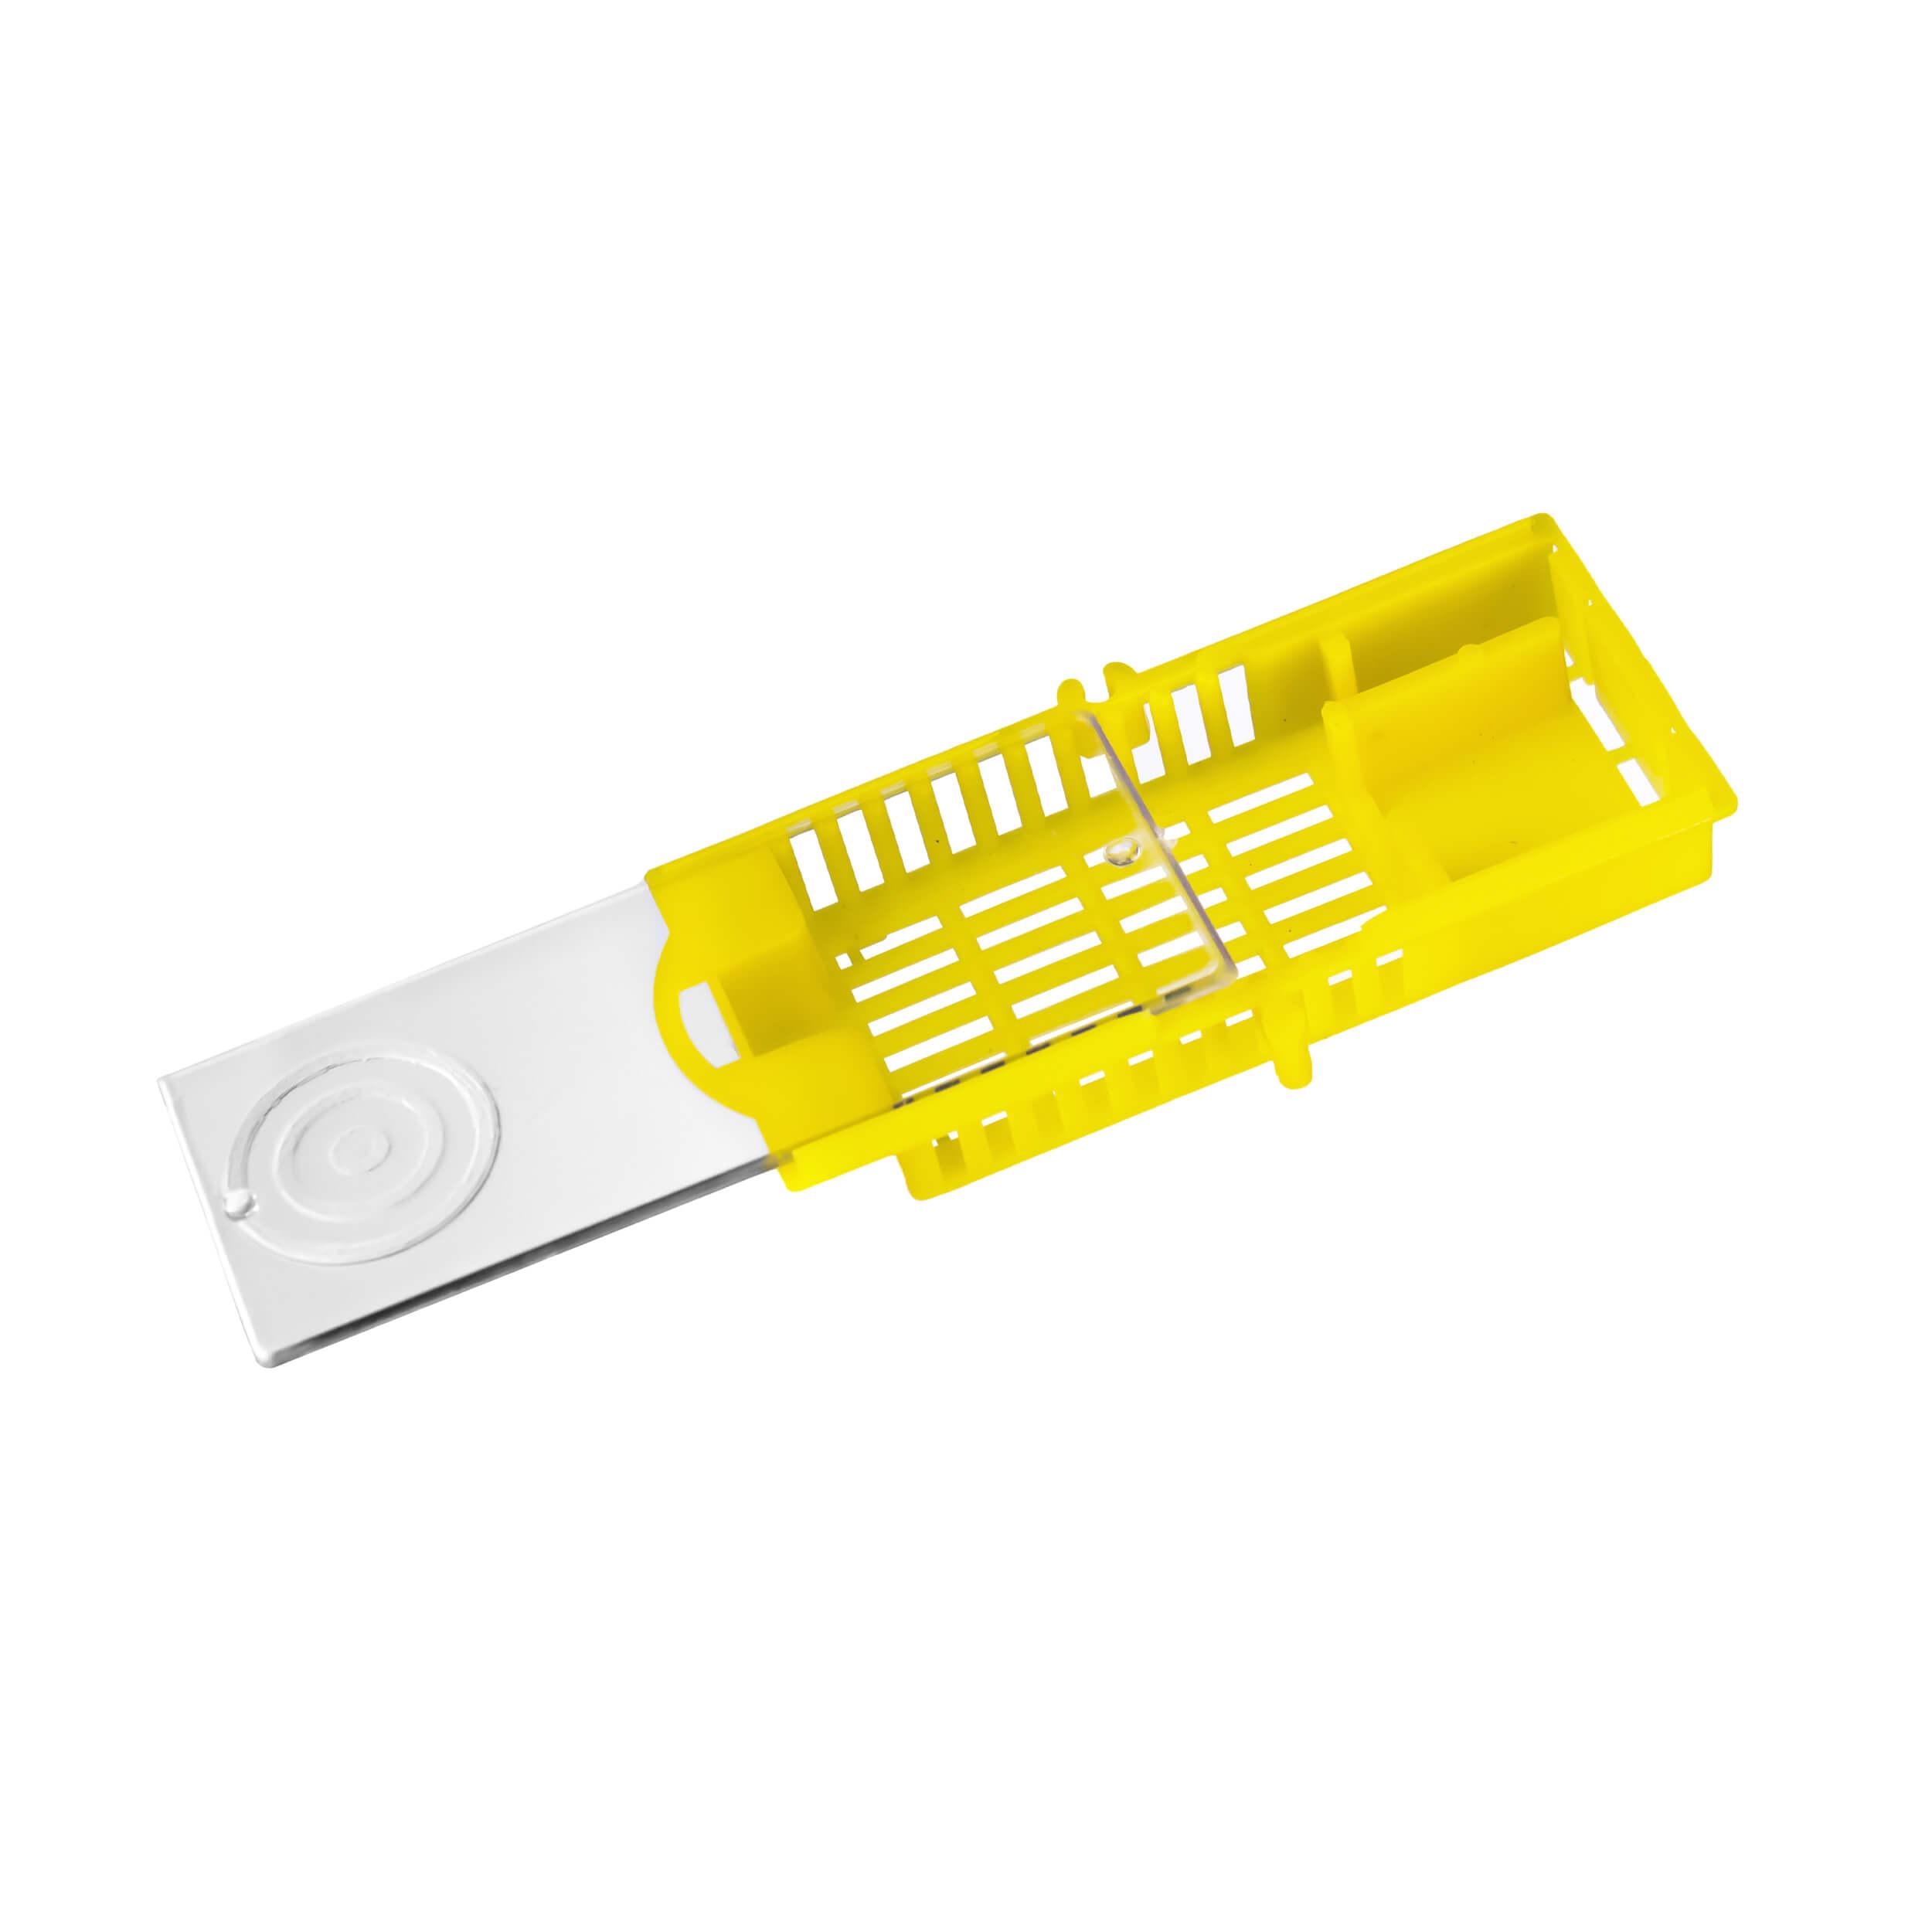 """Подарок: Клеточка для матки пластиковая """"EC-80"""" (5 штук) фото"""